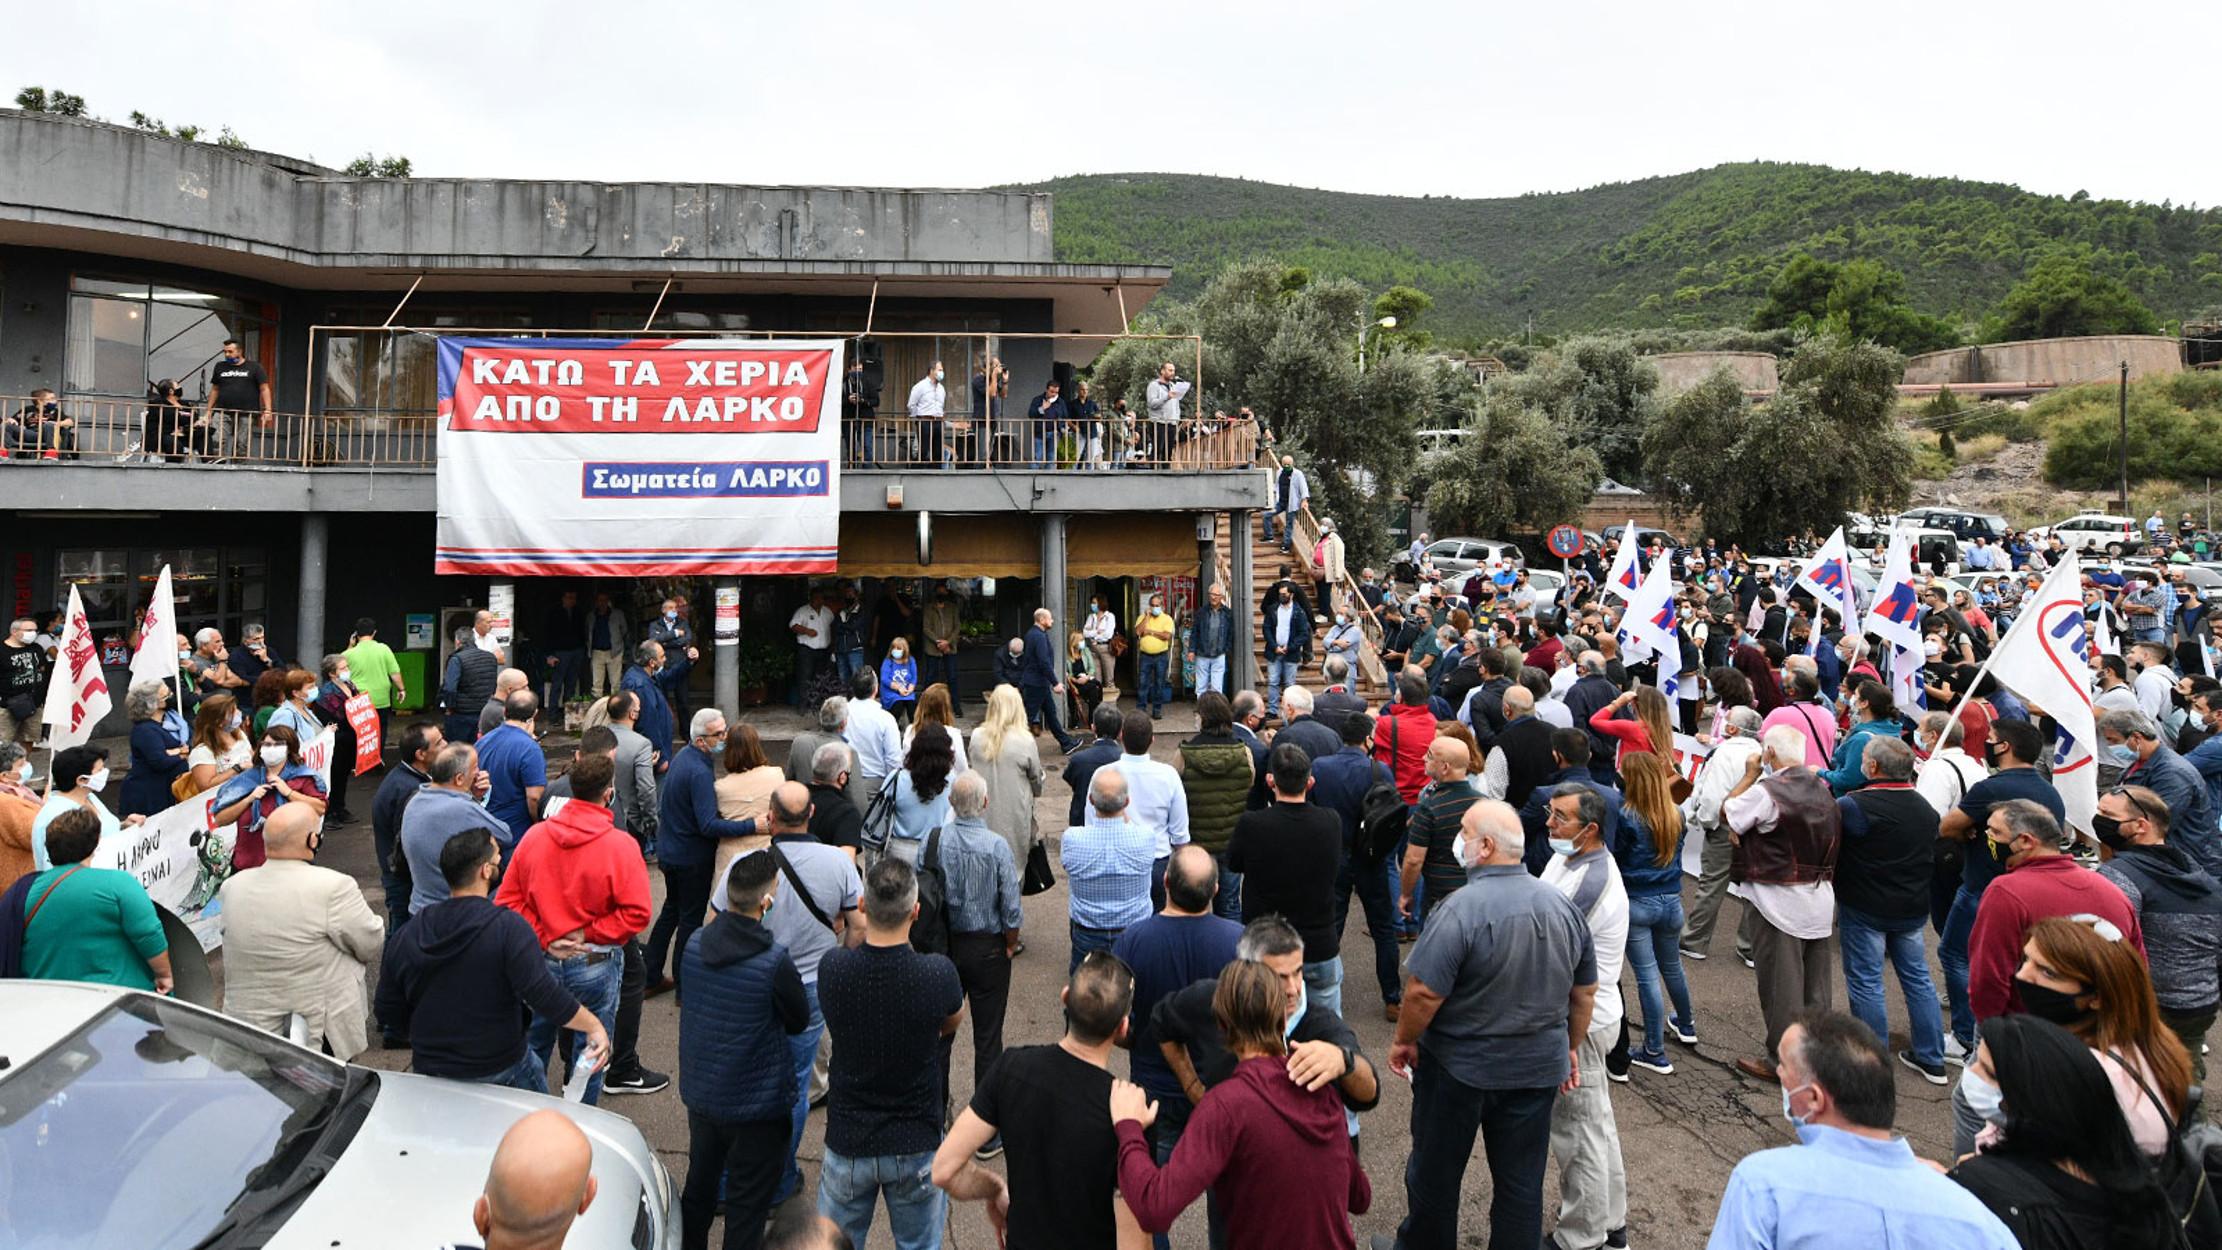 Συγκέντρωση των εργατών της ΛΑΡΚΟ στην Λάρυμνα – Κουτσούμπας: Το κλείσιμο θα διαλύσει την περιοχή